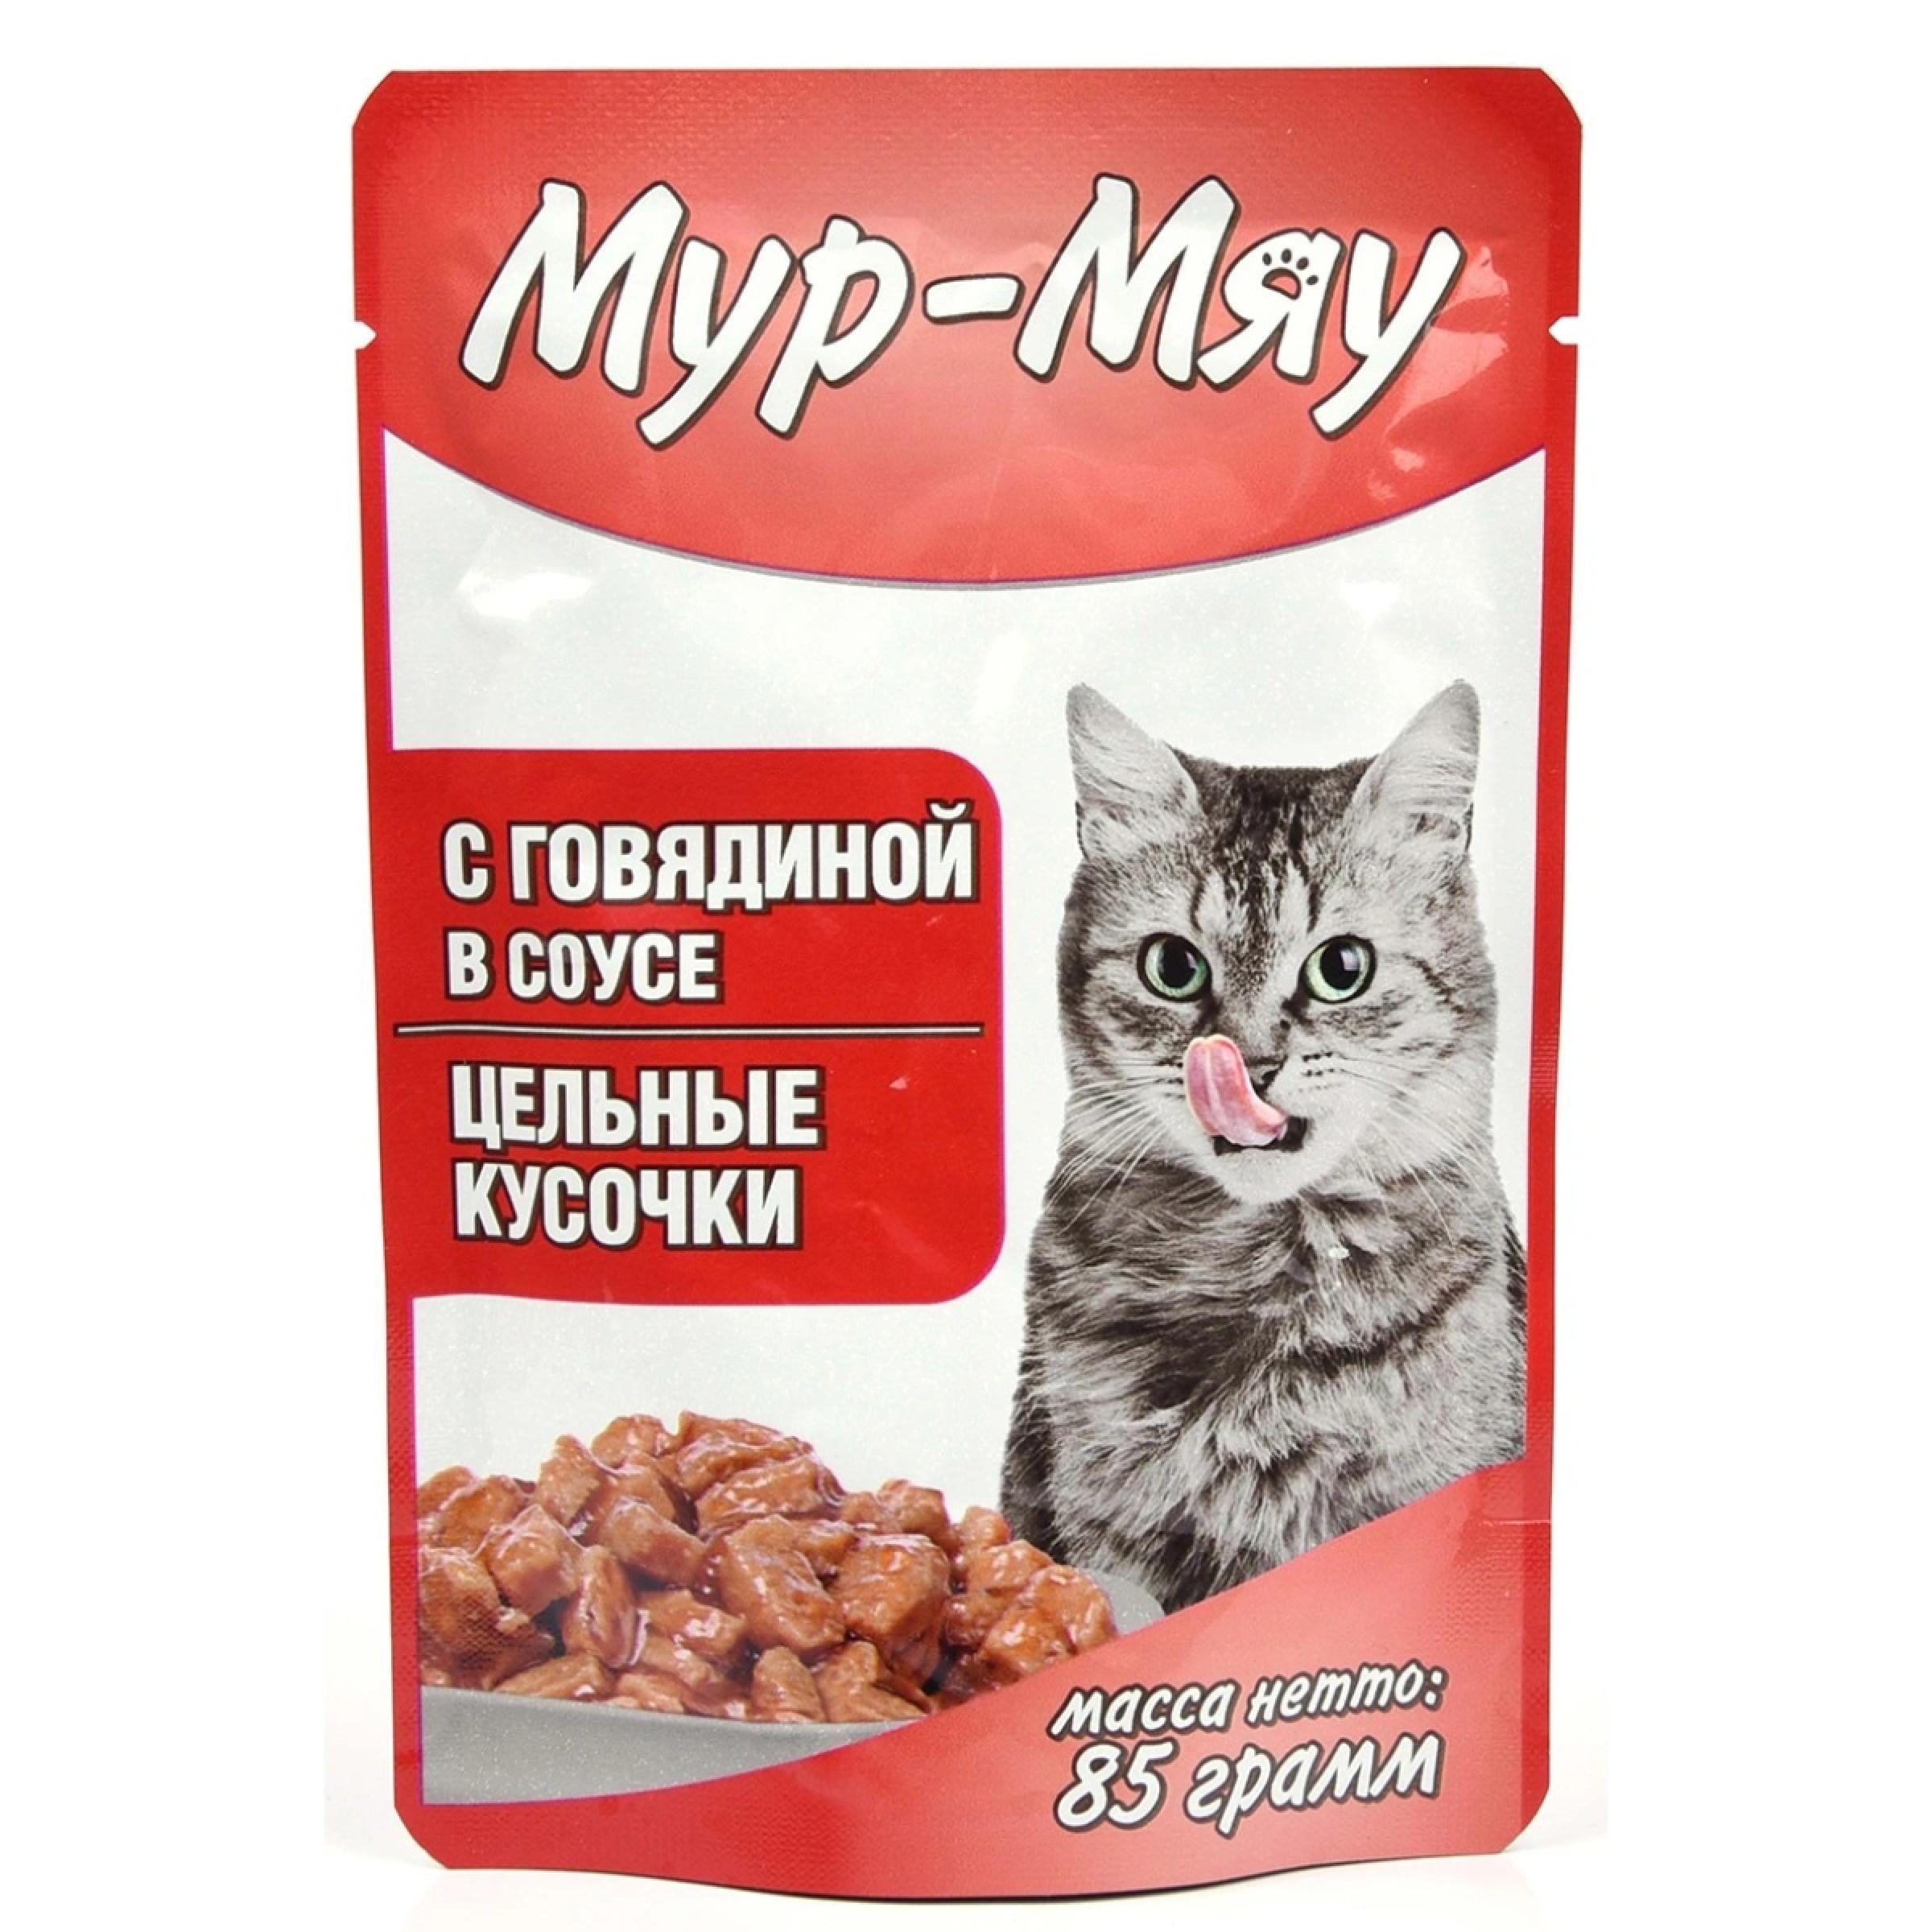 Влажный корм Мур-Мяу для кошек с говядиной в соусе, 85гр